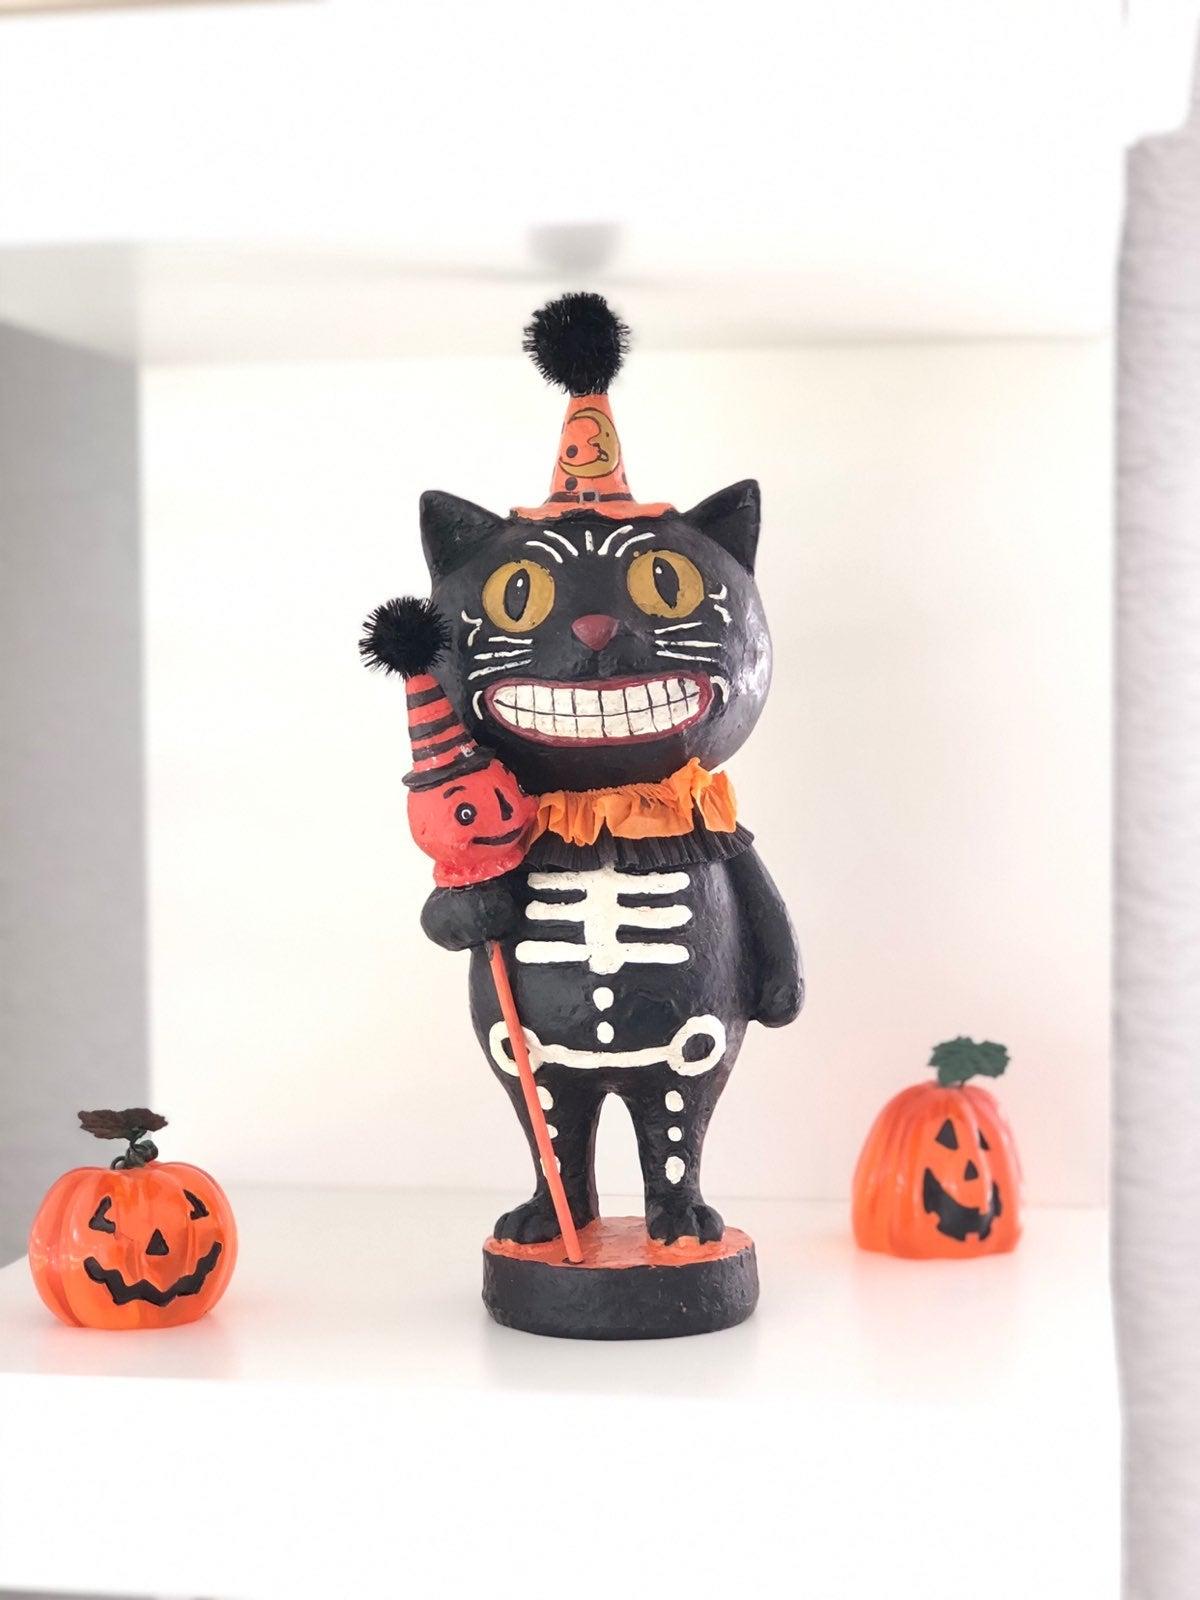 Vintage Halloween Black Cat Figurine